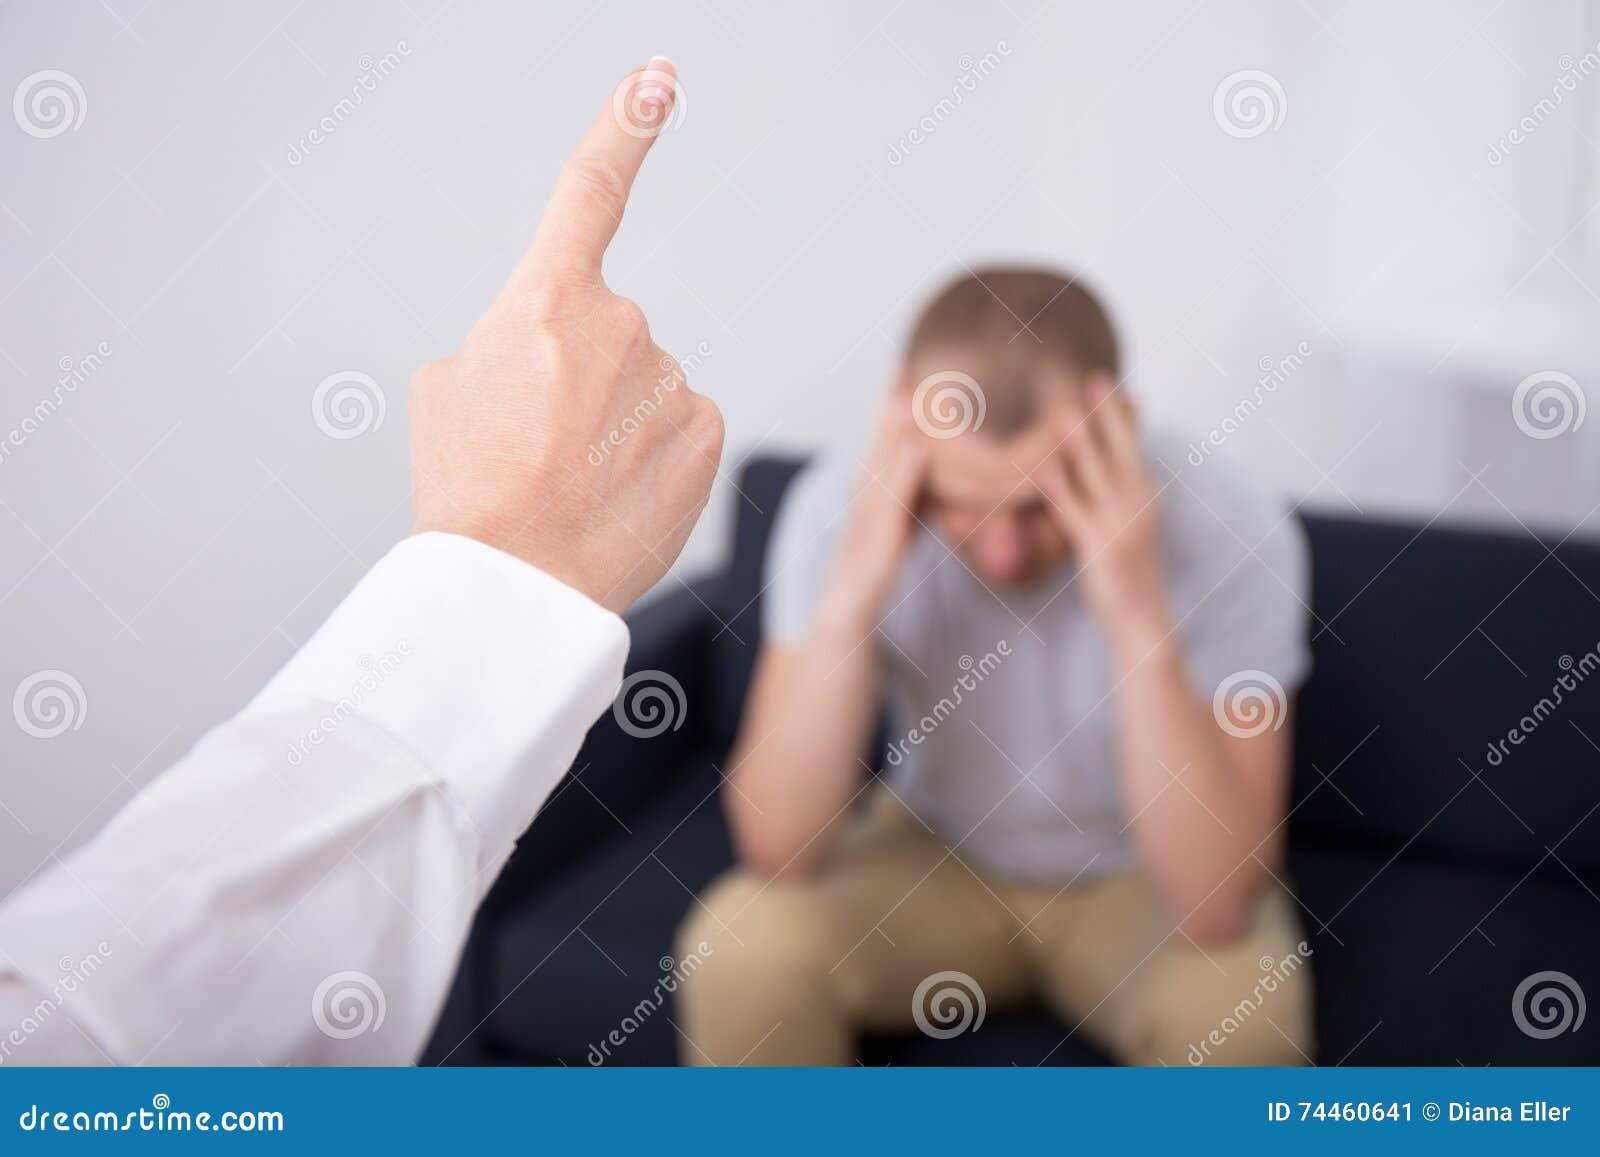 Gniewny szef podpala złego pracownika w biurze